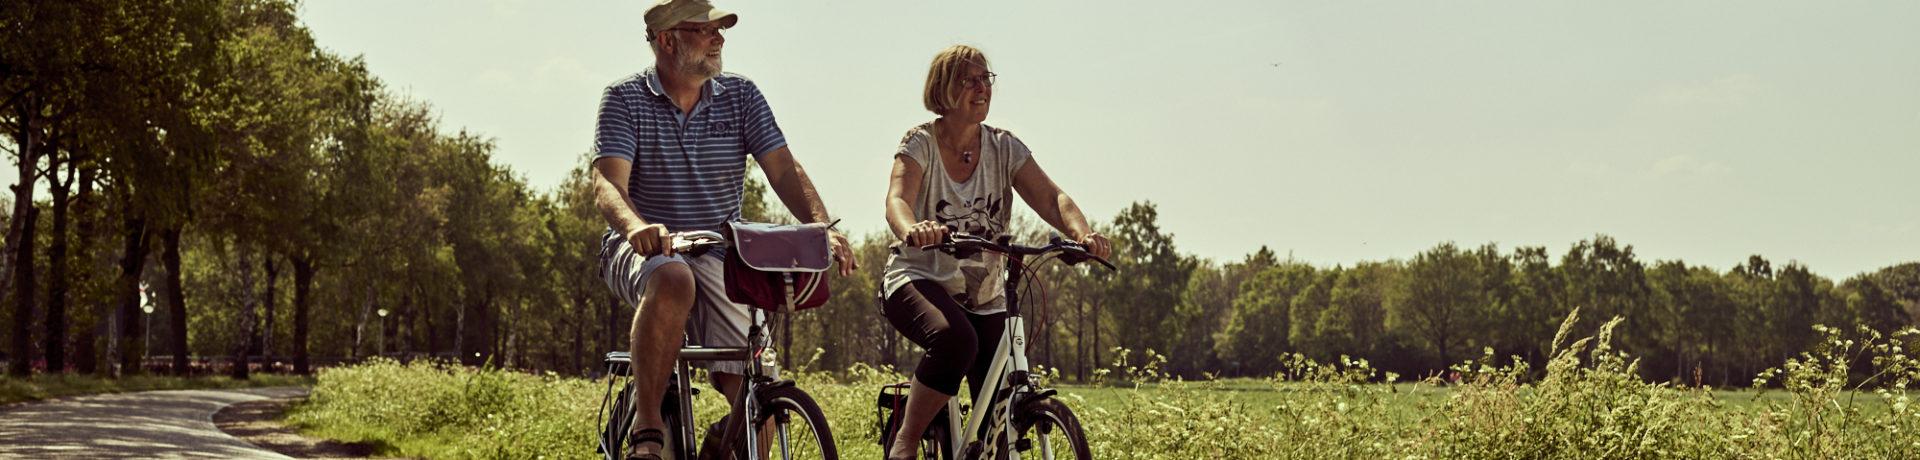 Eenkleinschalige camping in het hart van Drenthe midden in de natuur. Dit is de ideale plek voor kampeerders die houden van fietsen en wandelen.